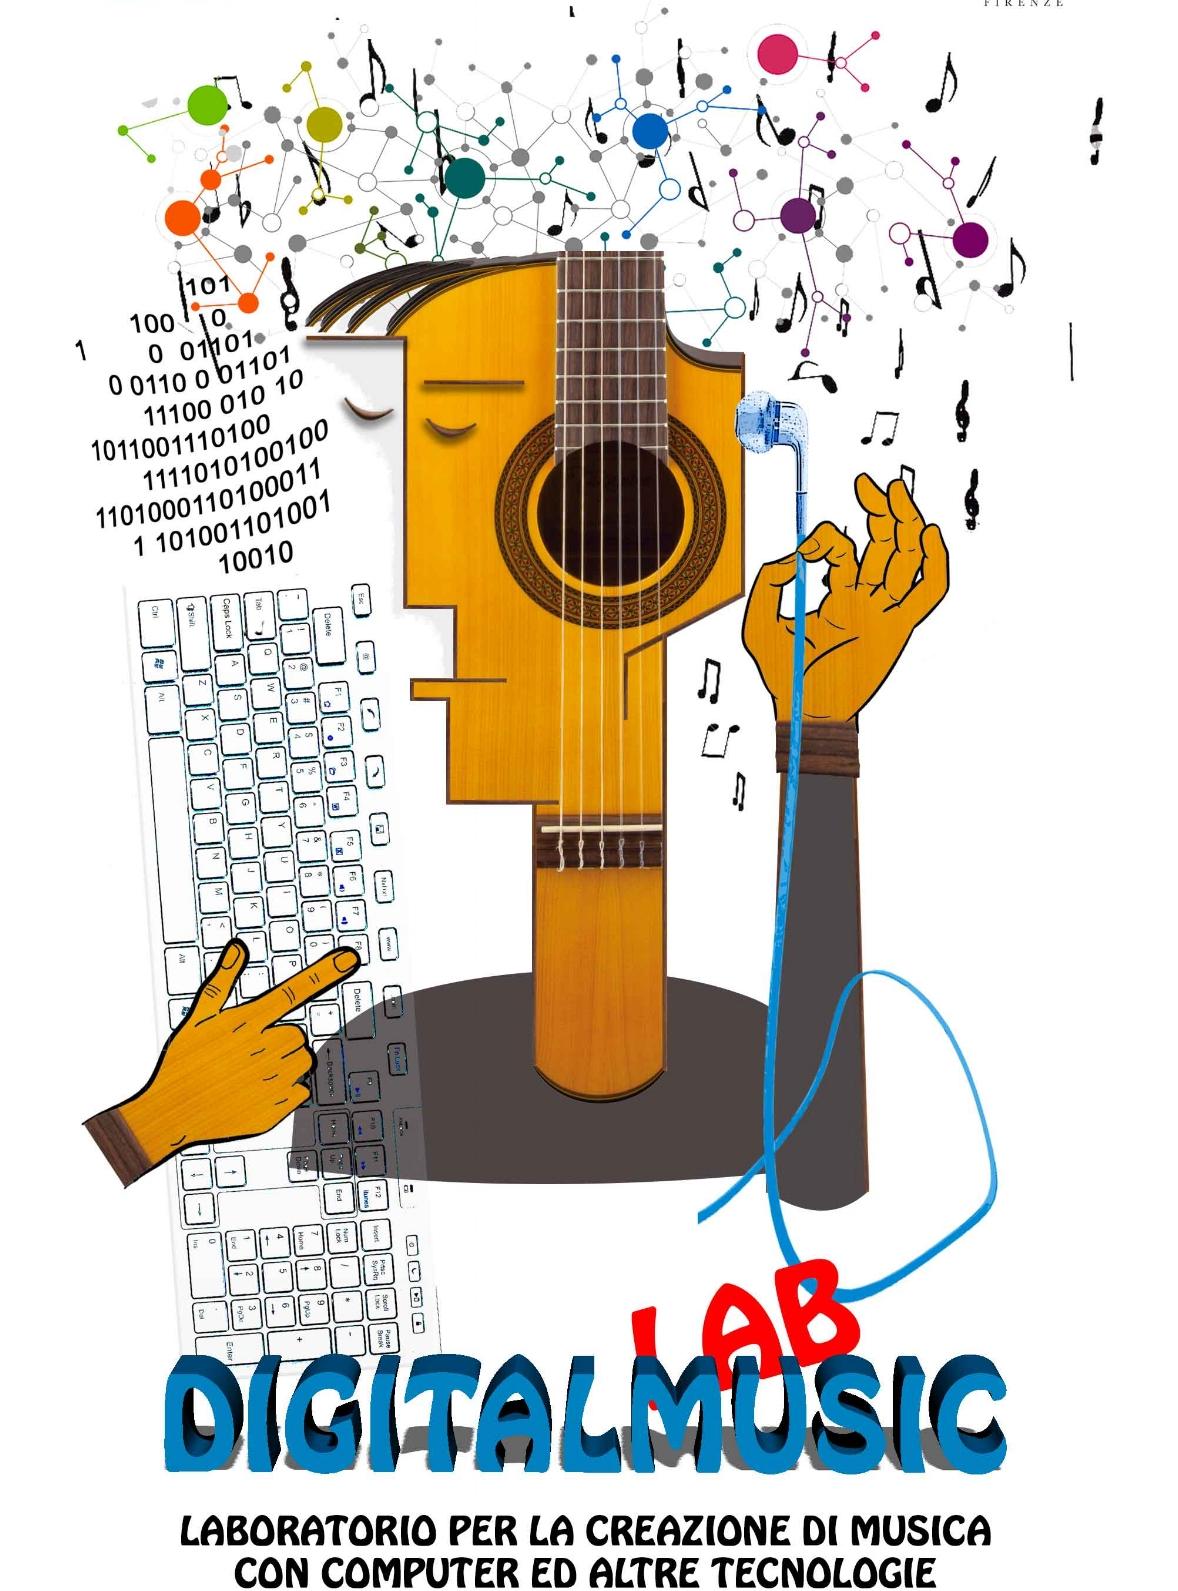 Flyer---DIGITAL-MUSIC-LAB-1-FRONTE-AUR-21x10-WEB.jpg